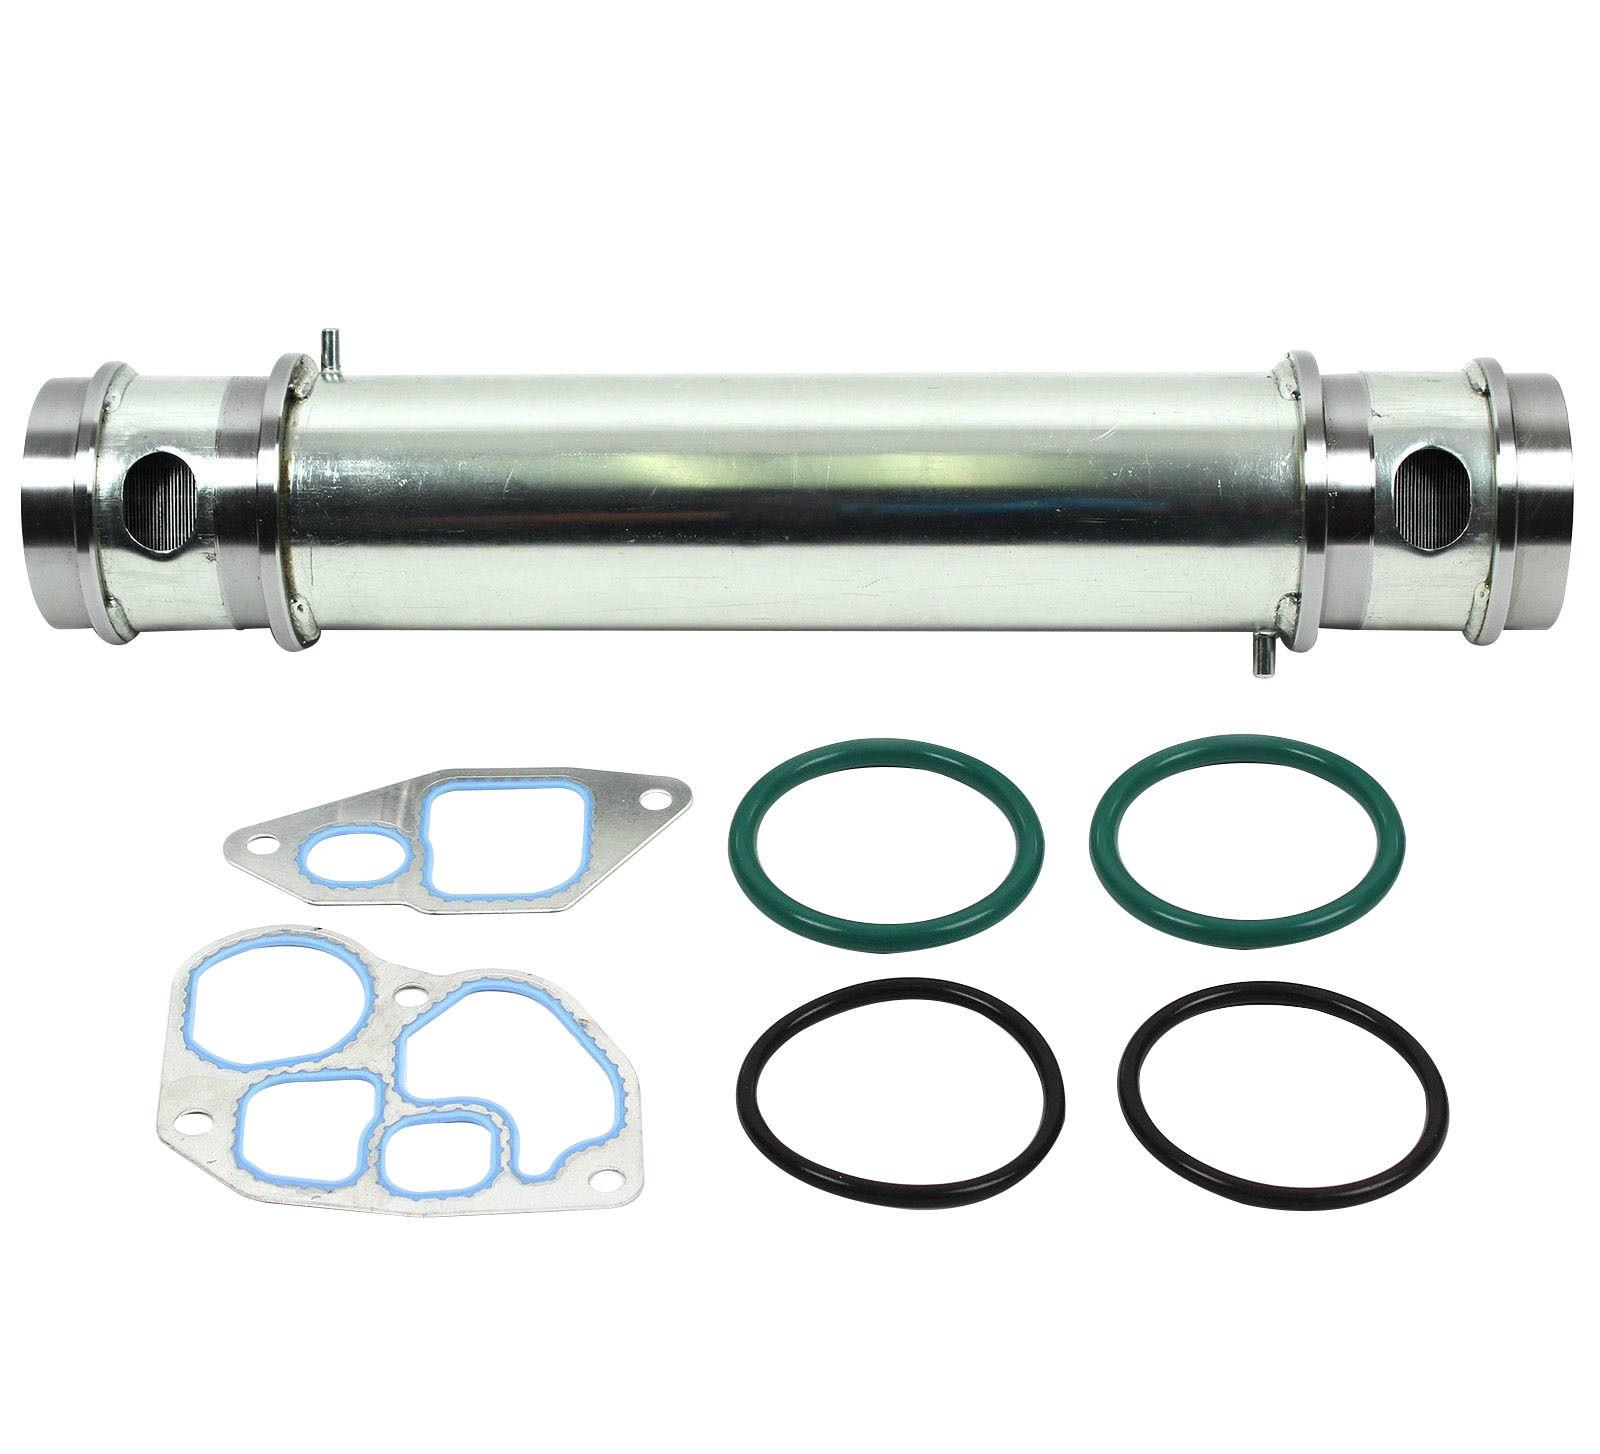 Oil Cooler Kit for 94-03 7.3L Powerstroke